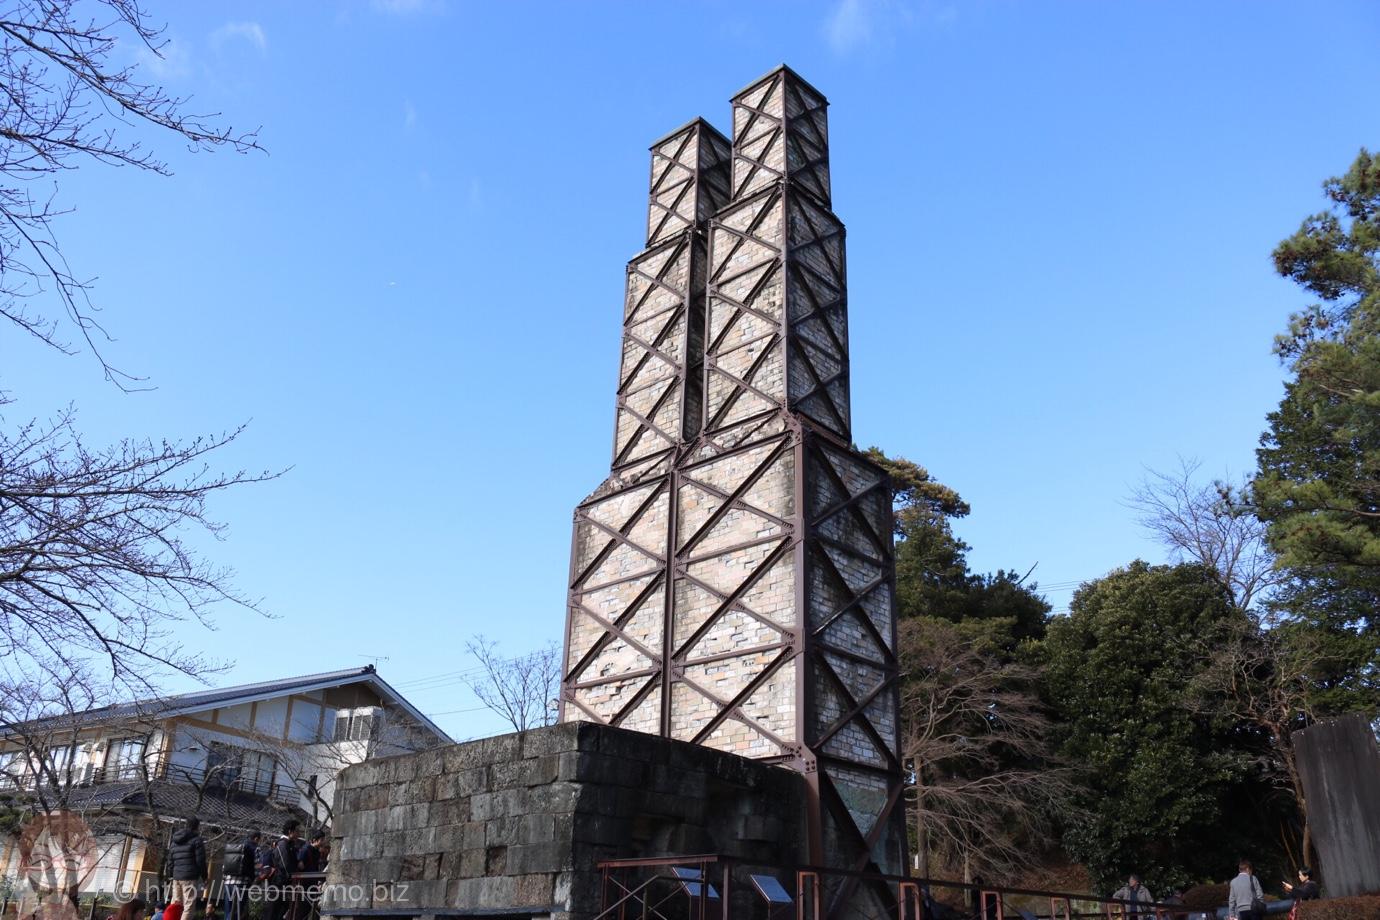 伊豆の世界遺産「韮山反射炉」に行ったら紹介ムービーは必見!富士山と共演でダブル世界遺産も